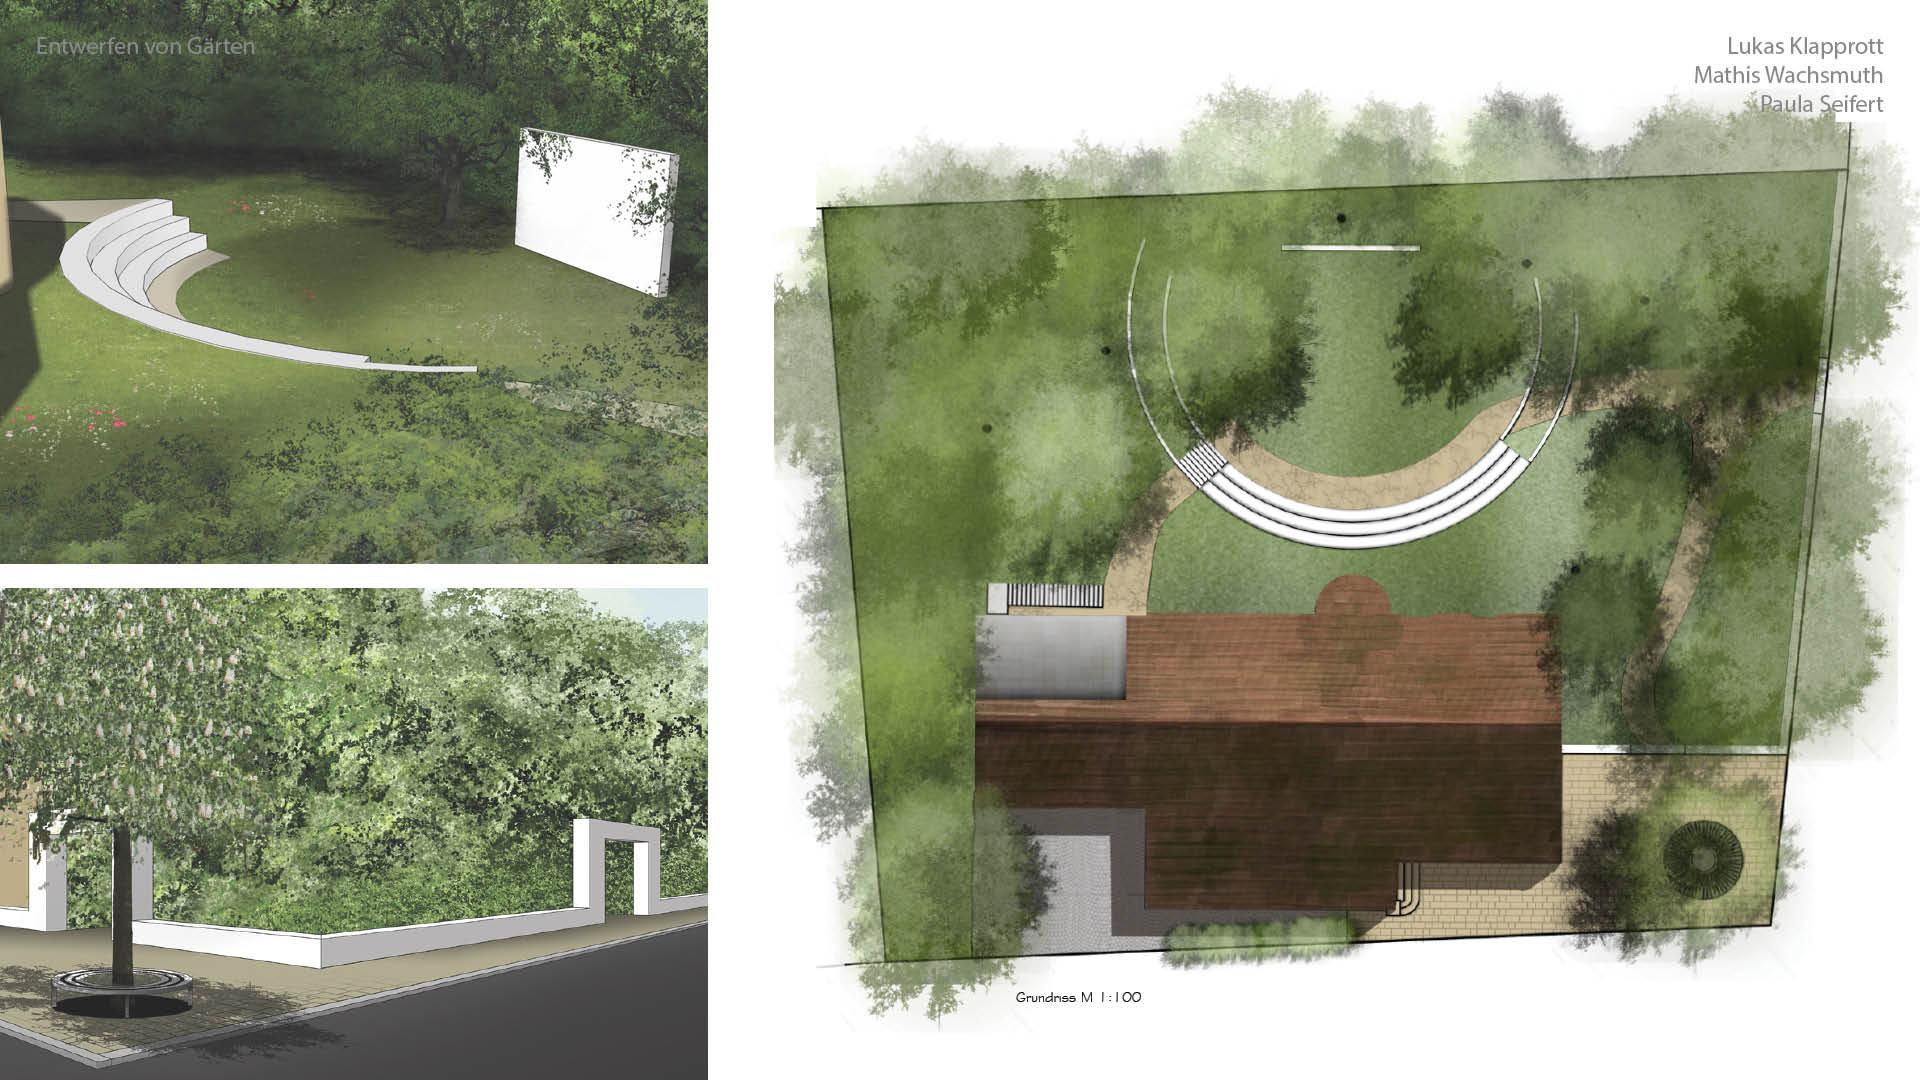 05 17 2 Entwerfen Von Gärten